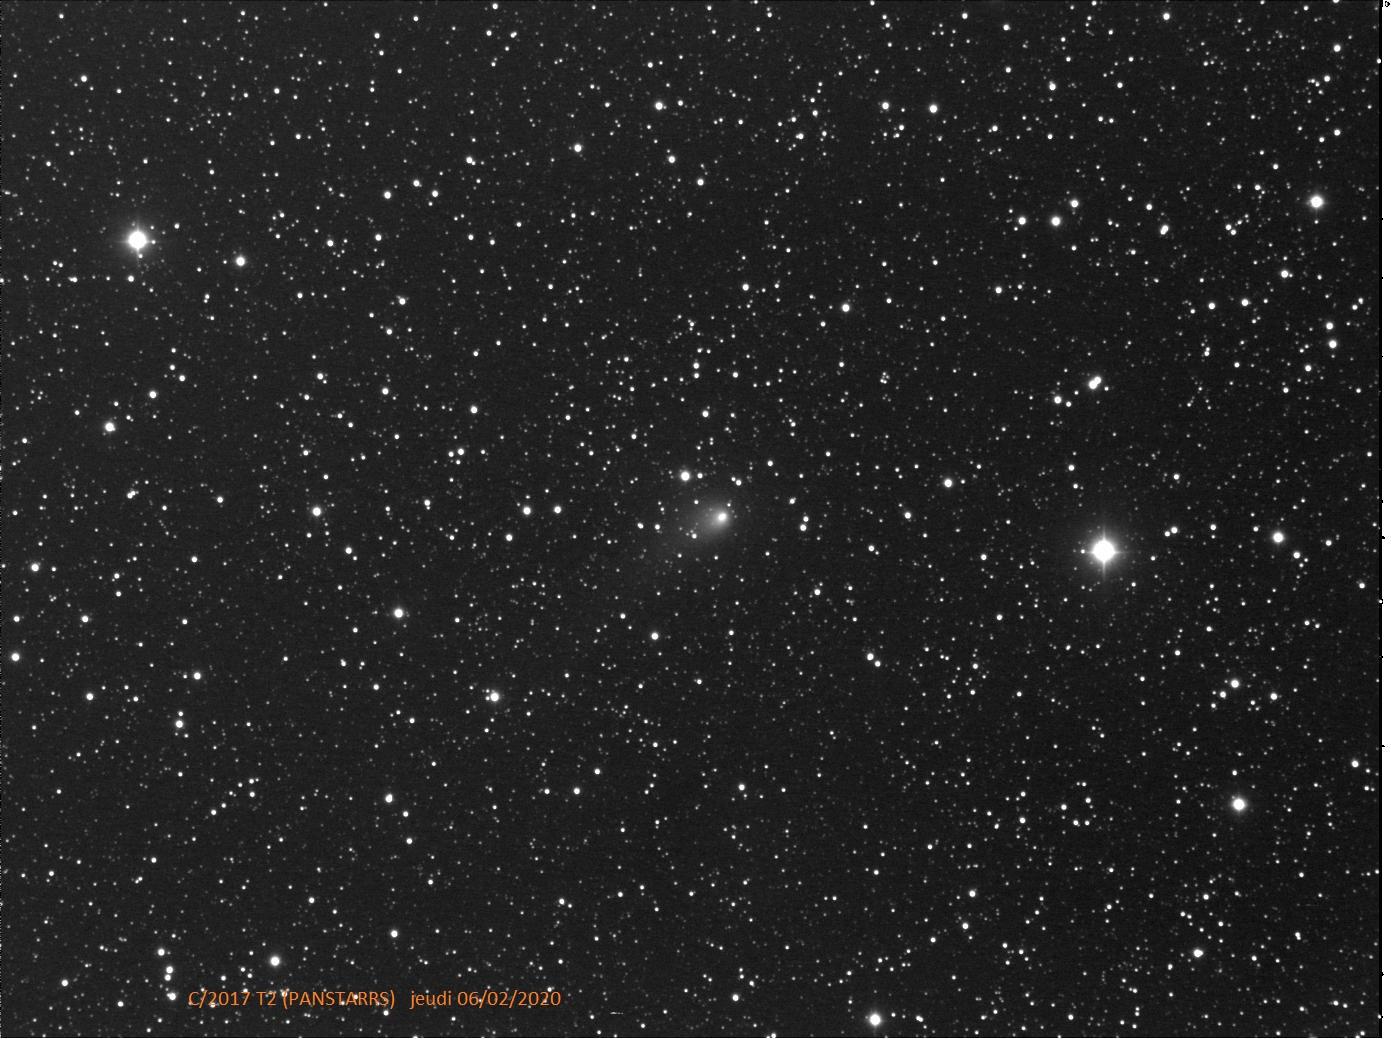 panstar2.jpg.b57a551678016ed316af4b18c496447a.jpg